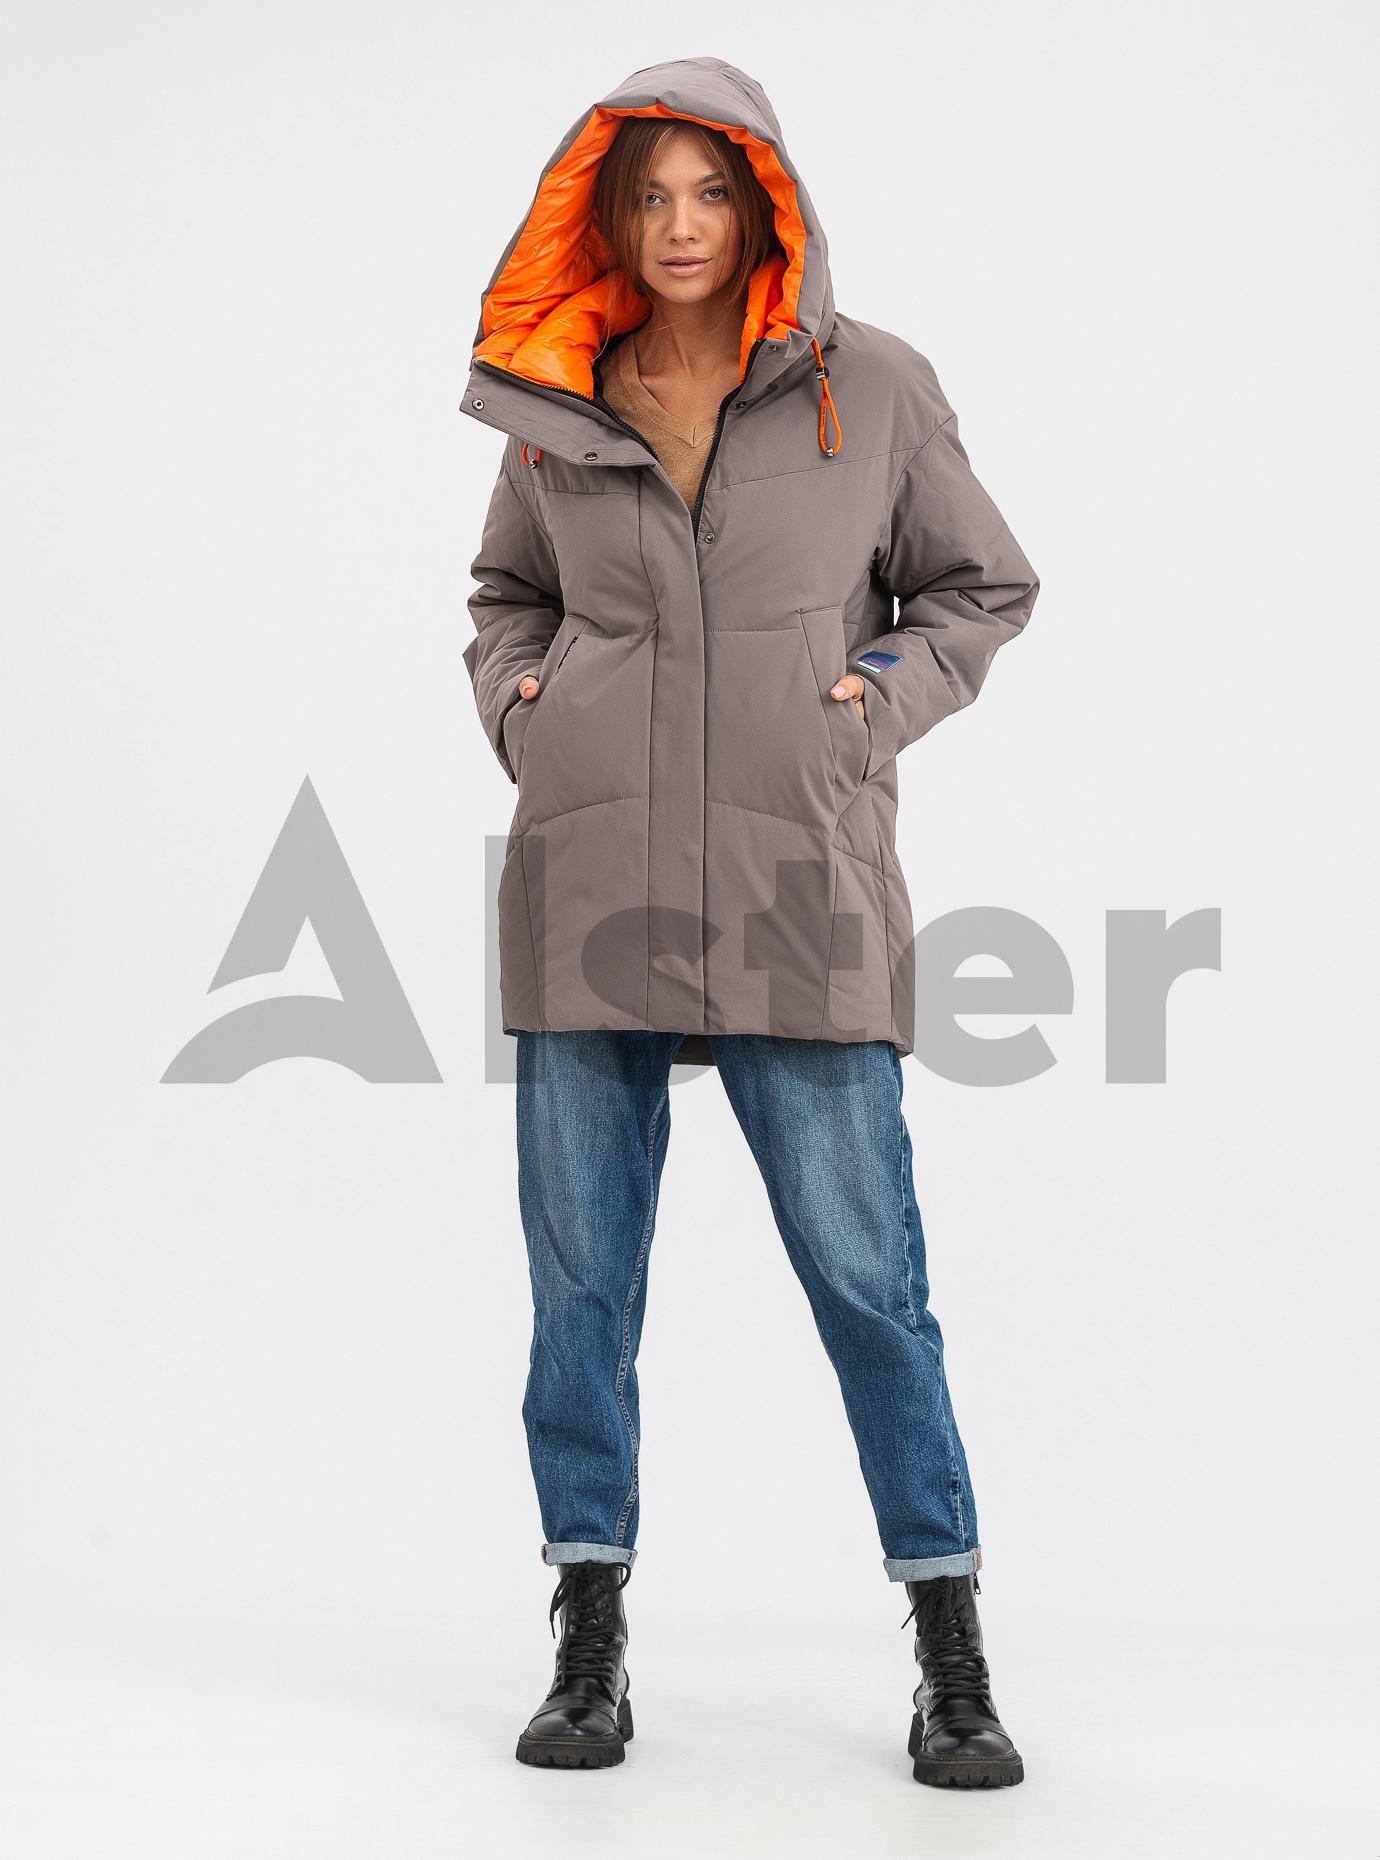 Жіноча зимова куртка середньої довжини OLANMEAR Сірий M (OLN21899-07): фото - Alster.ua